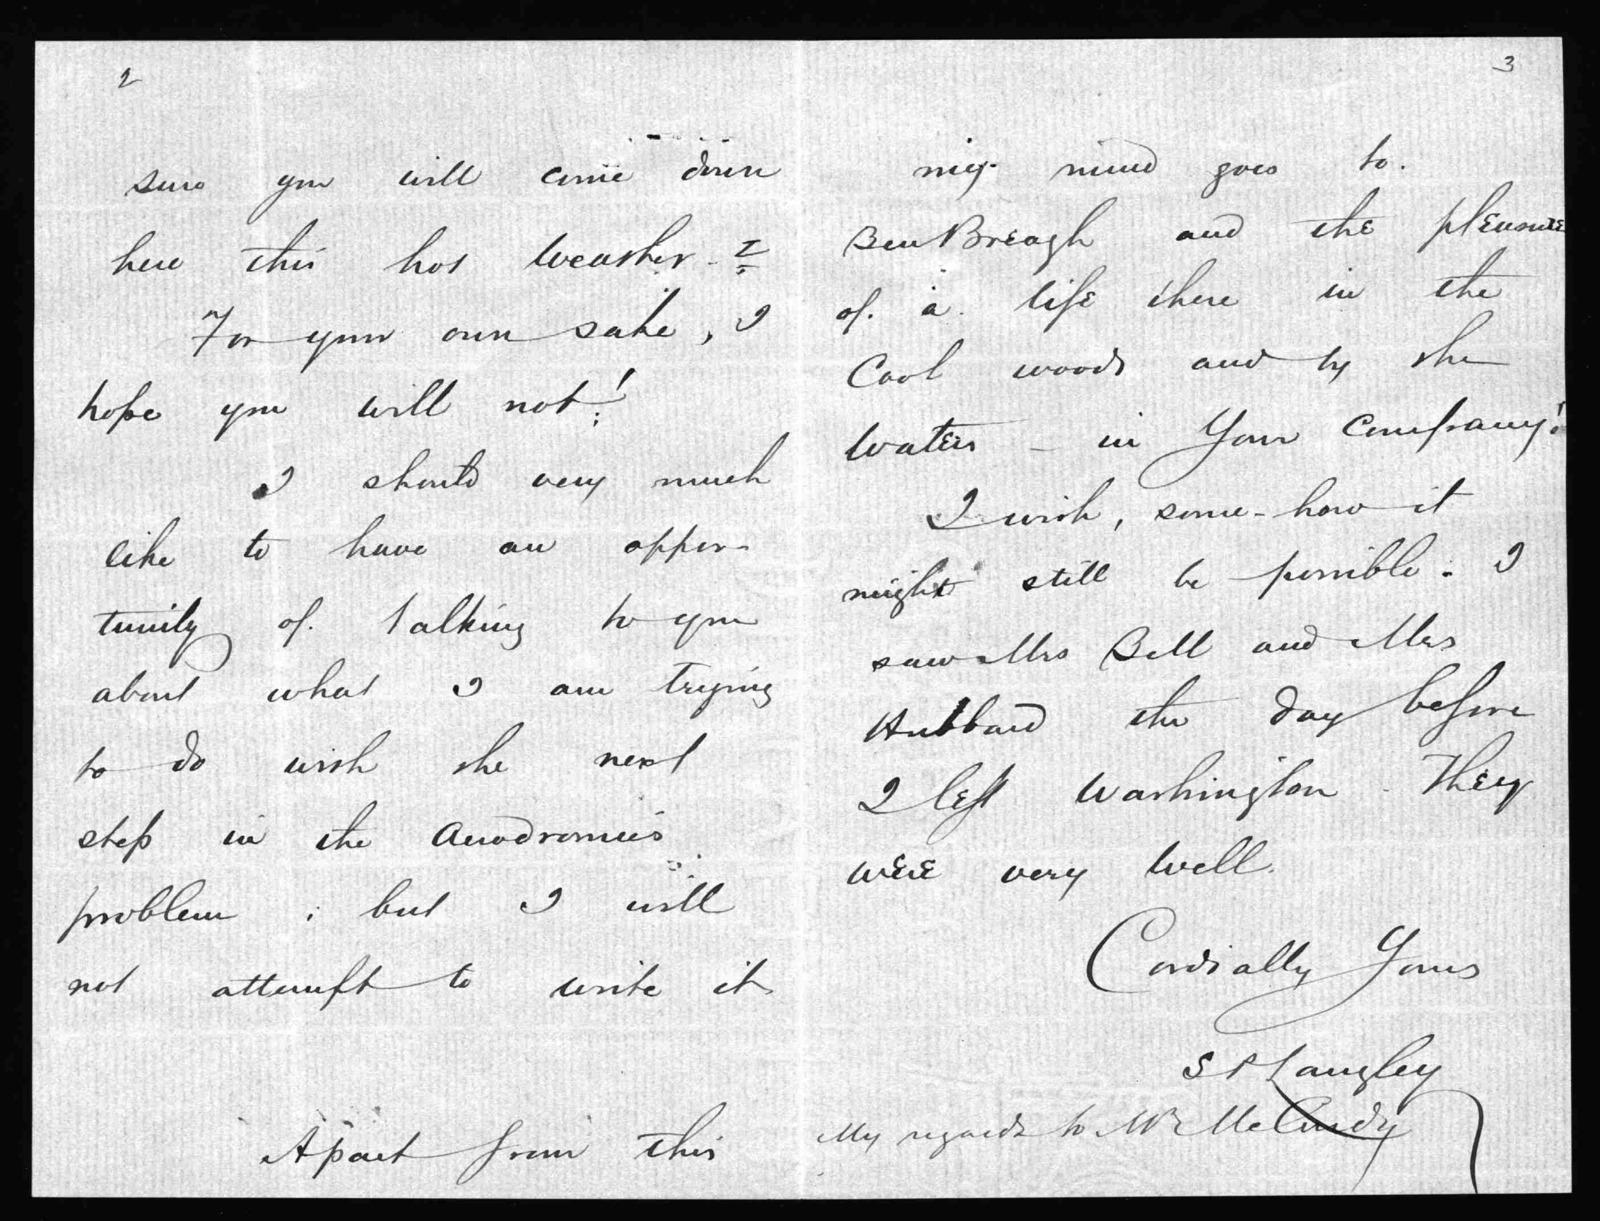 Letter from Samuel P. Langley to Alexander Graham Bell, June 18, 1898